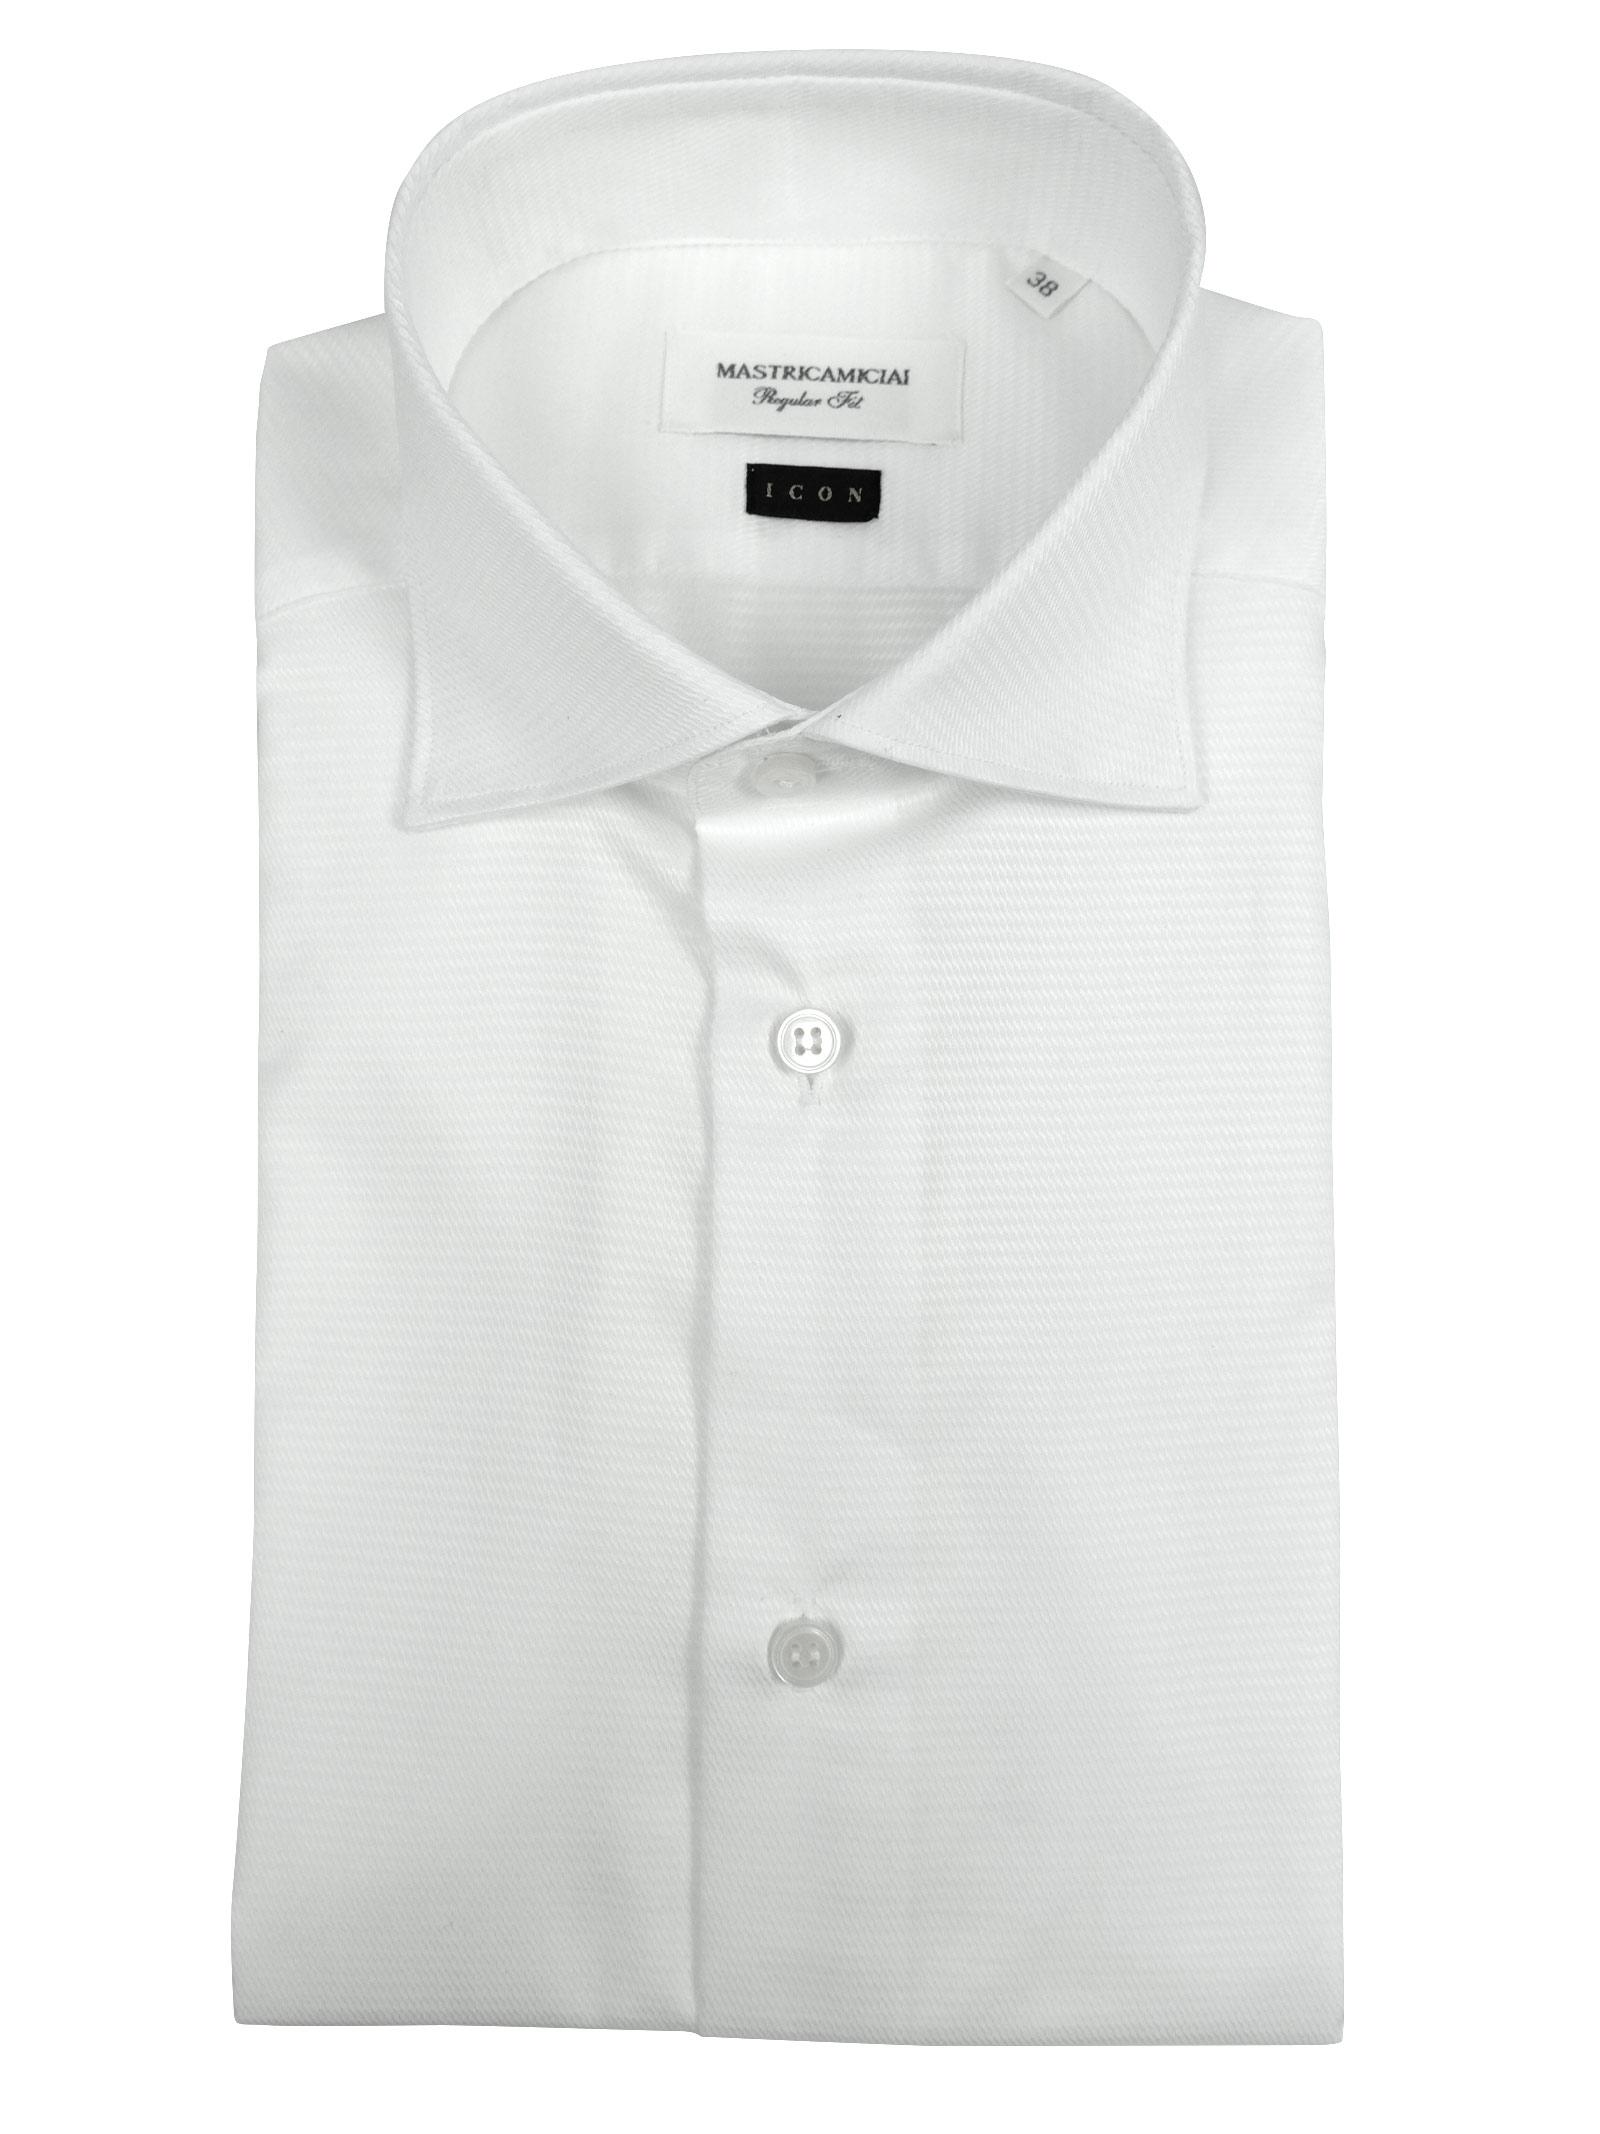 MASTRI CAMICIAI | Shirts | LUCA IR049F1502